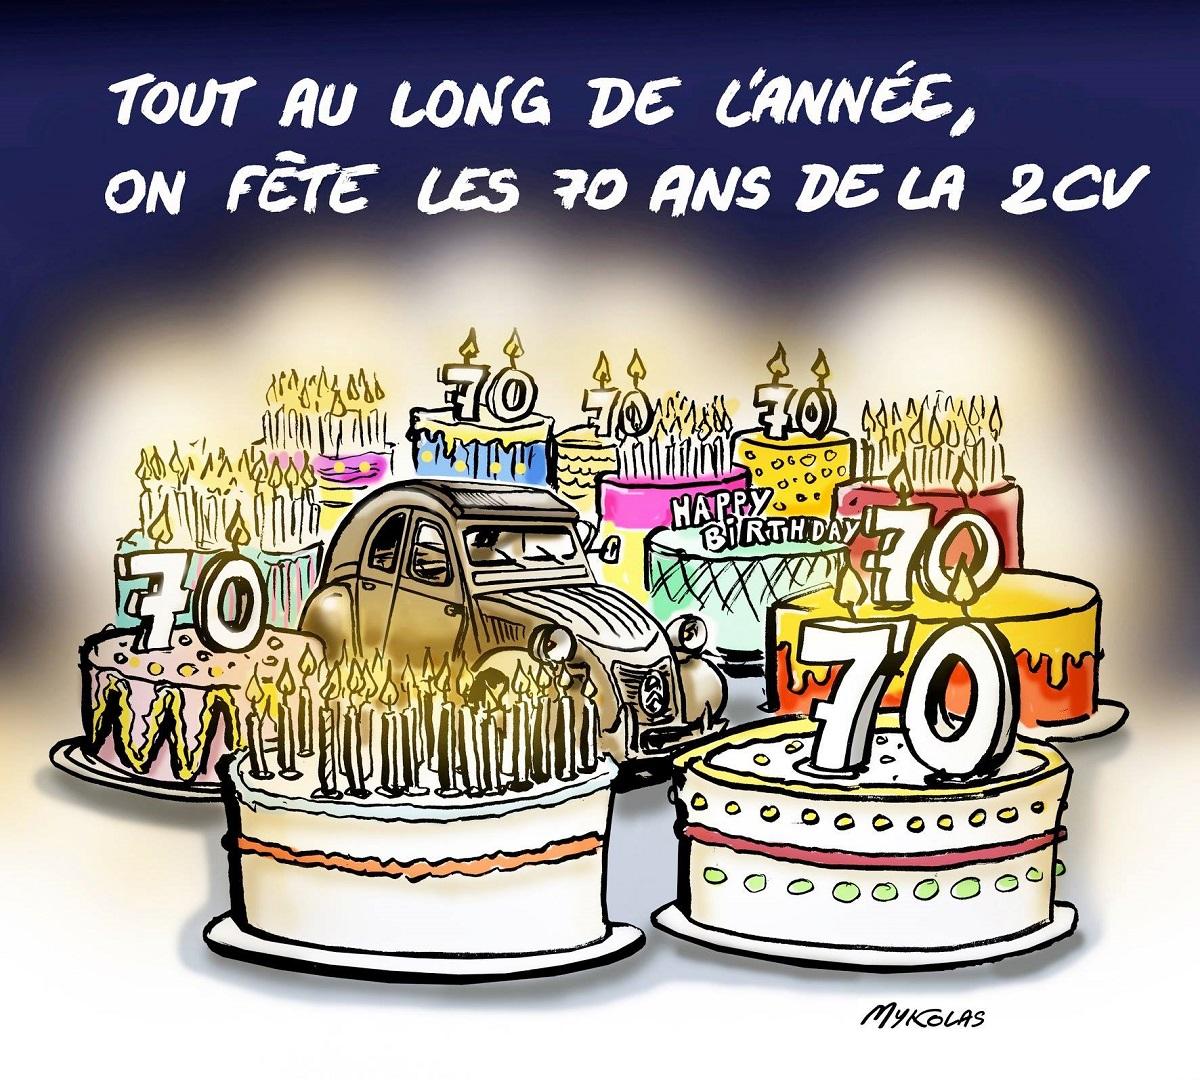 Dessin d'actualité humoristique sur l'anniversaire des 70 ans de la 2 CV